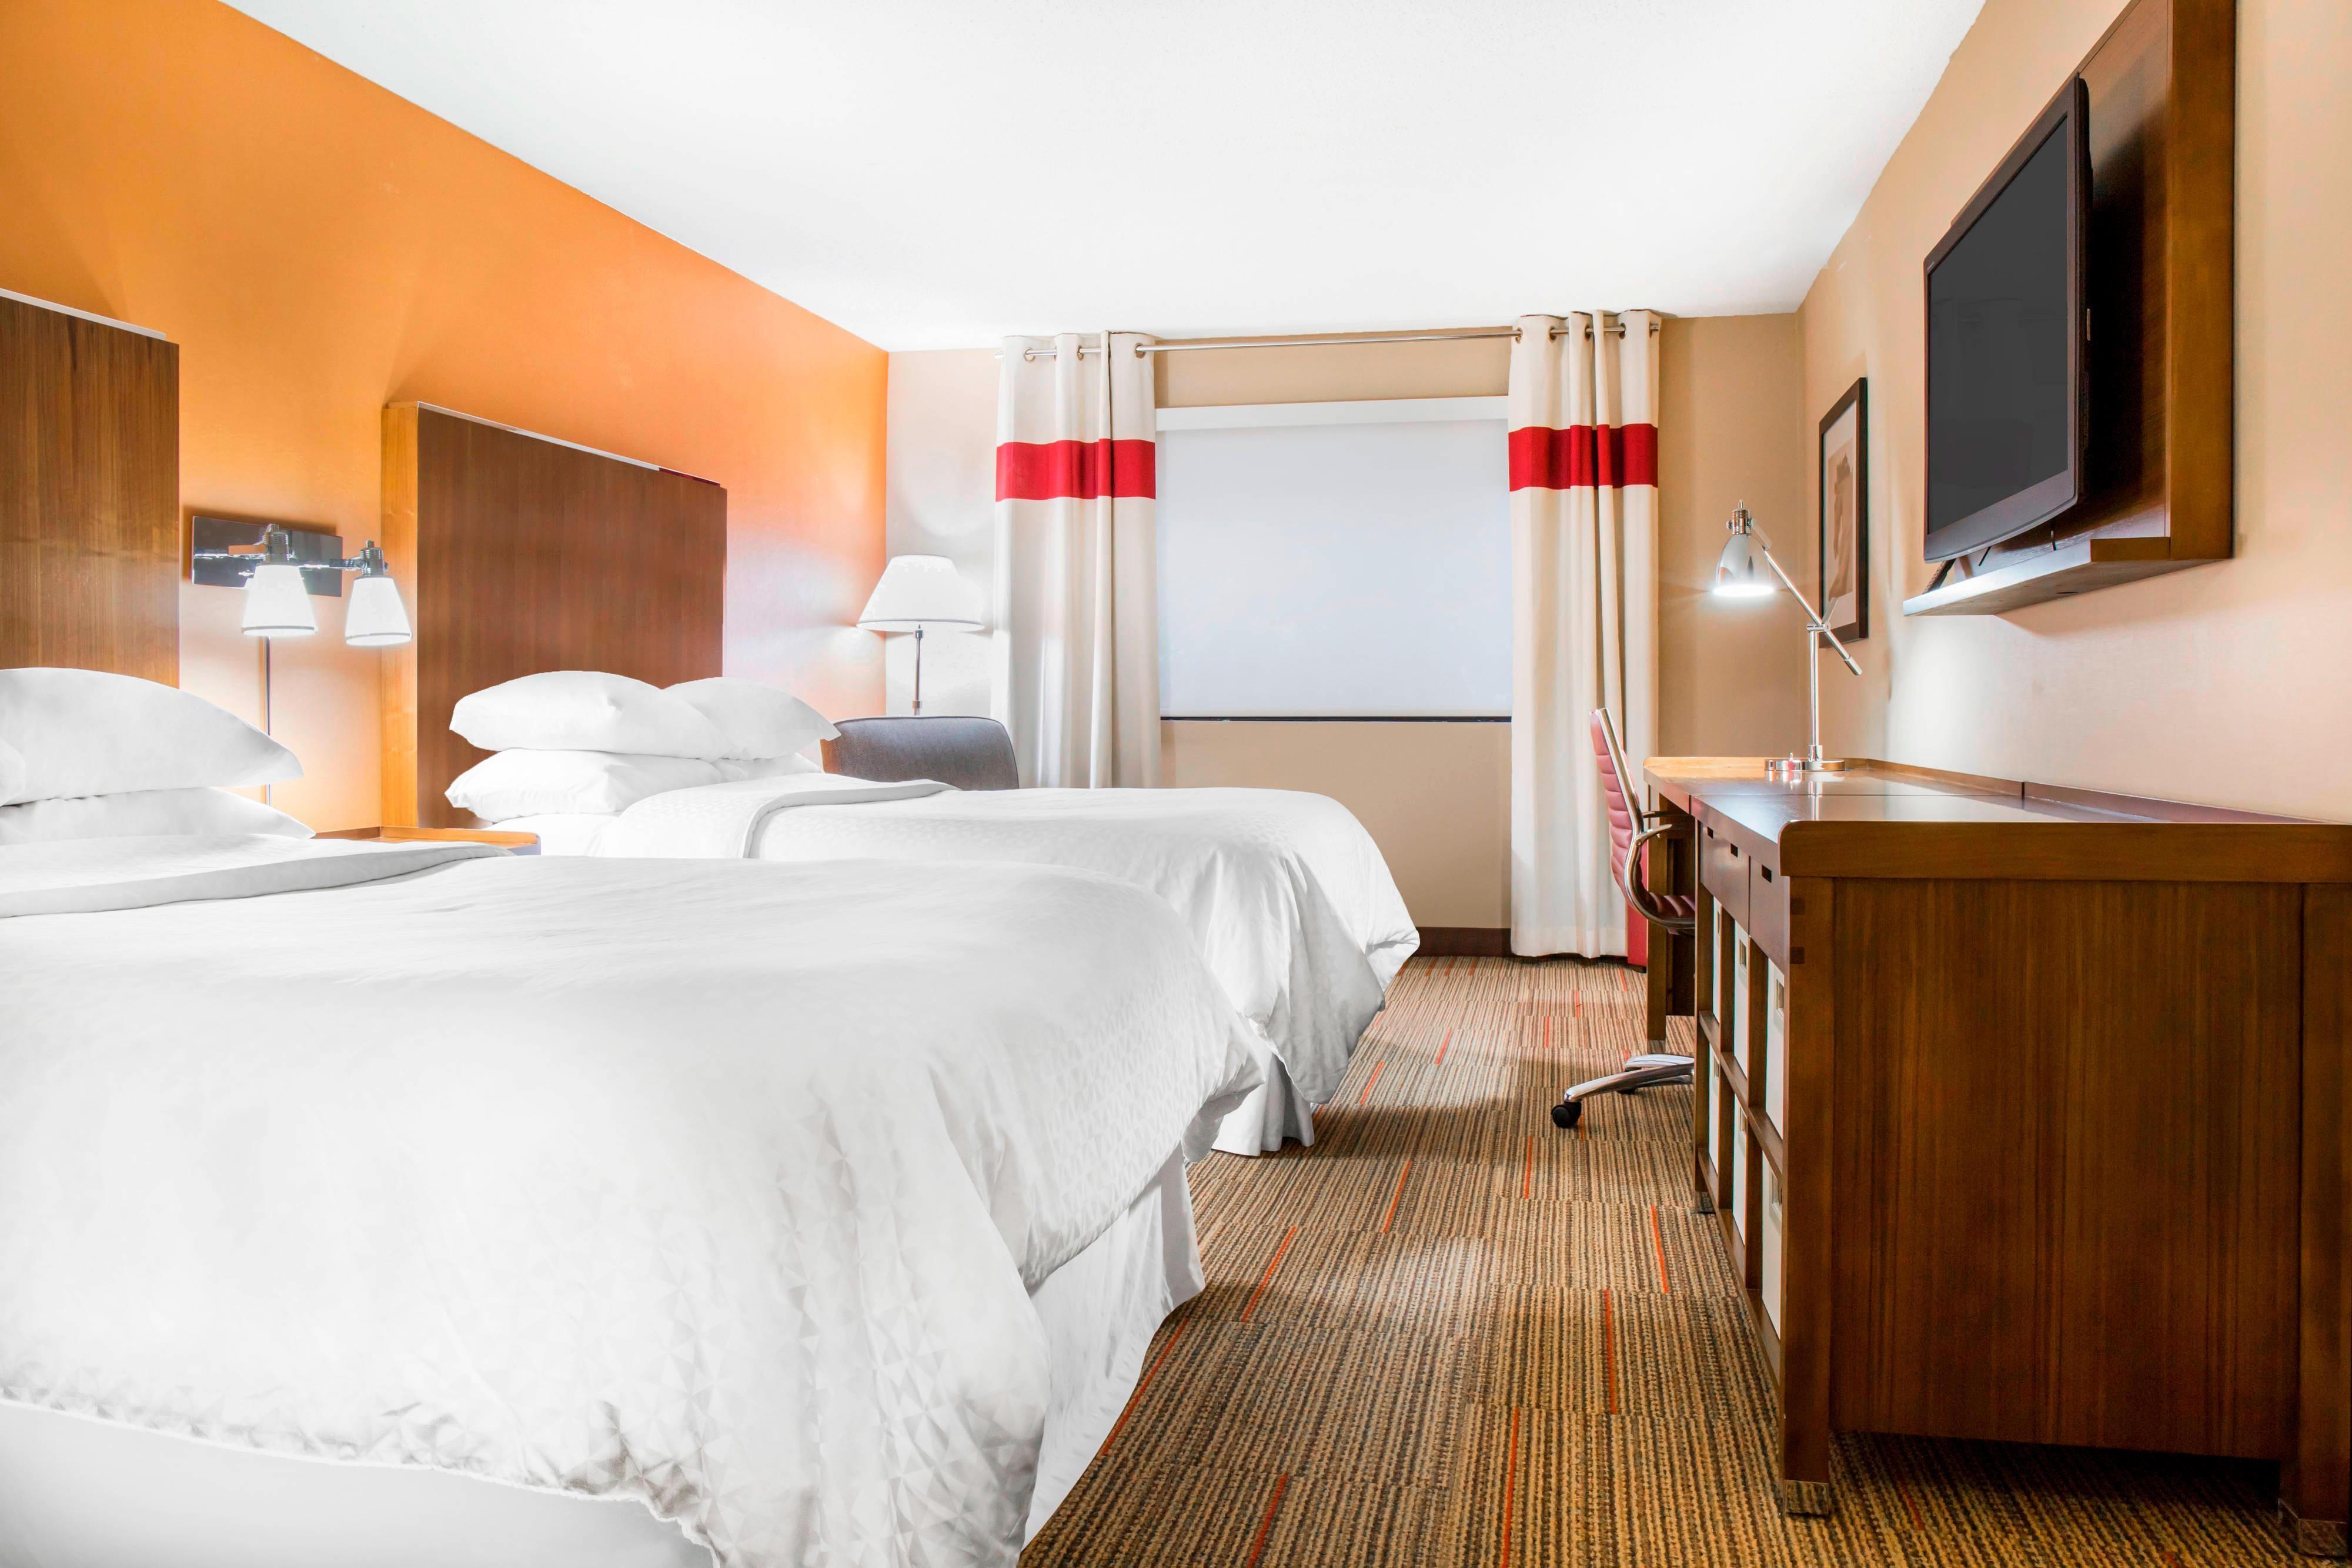 Chambre standard avec lit double